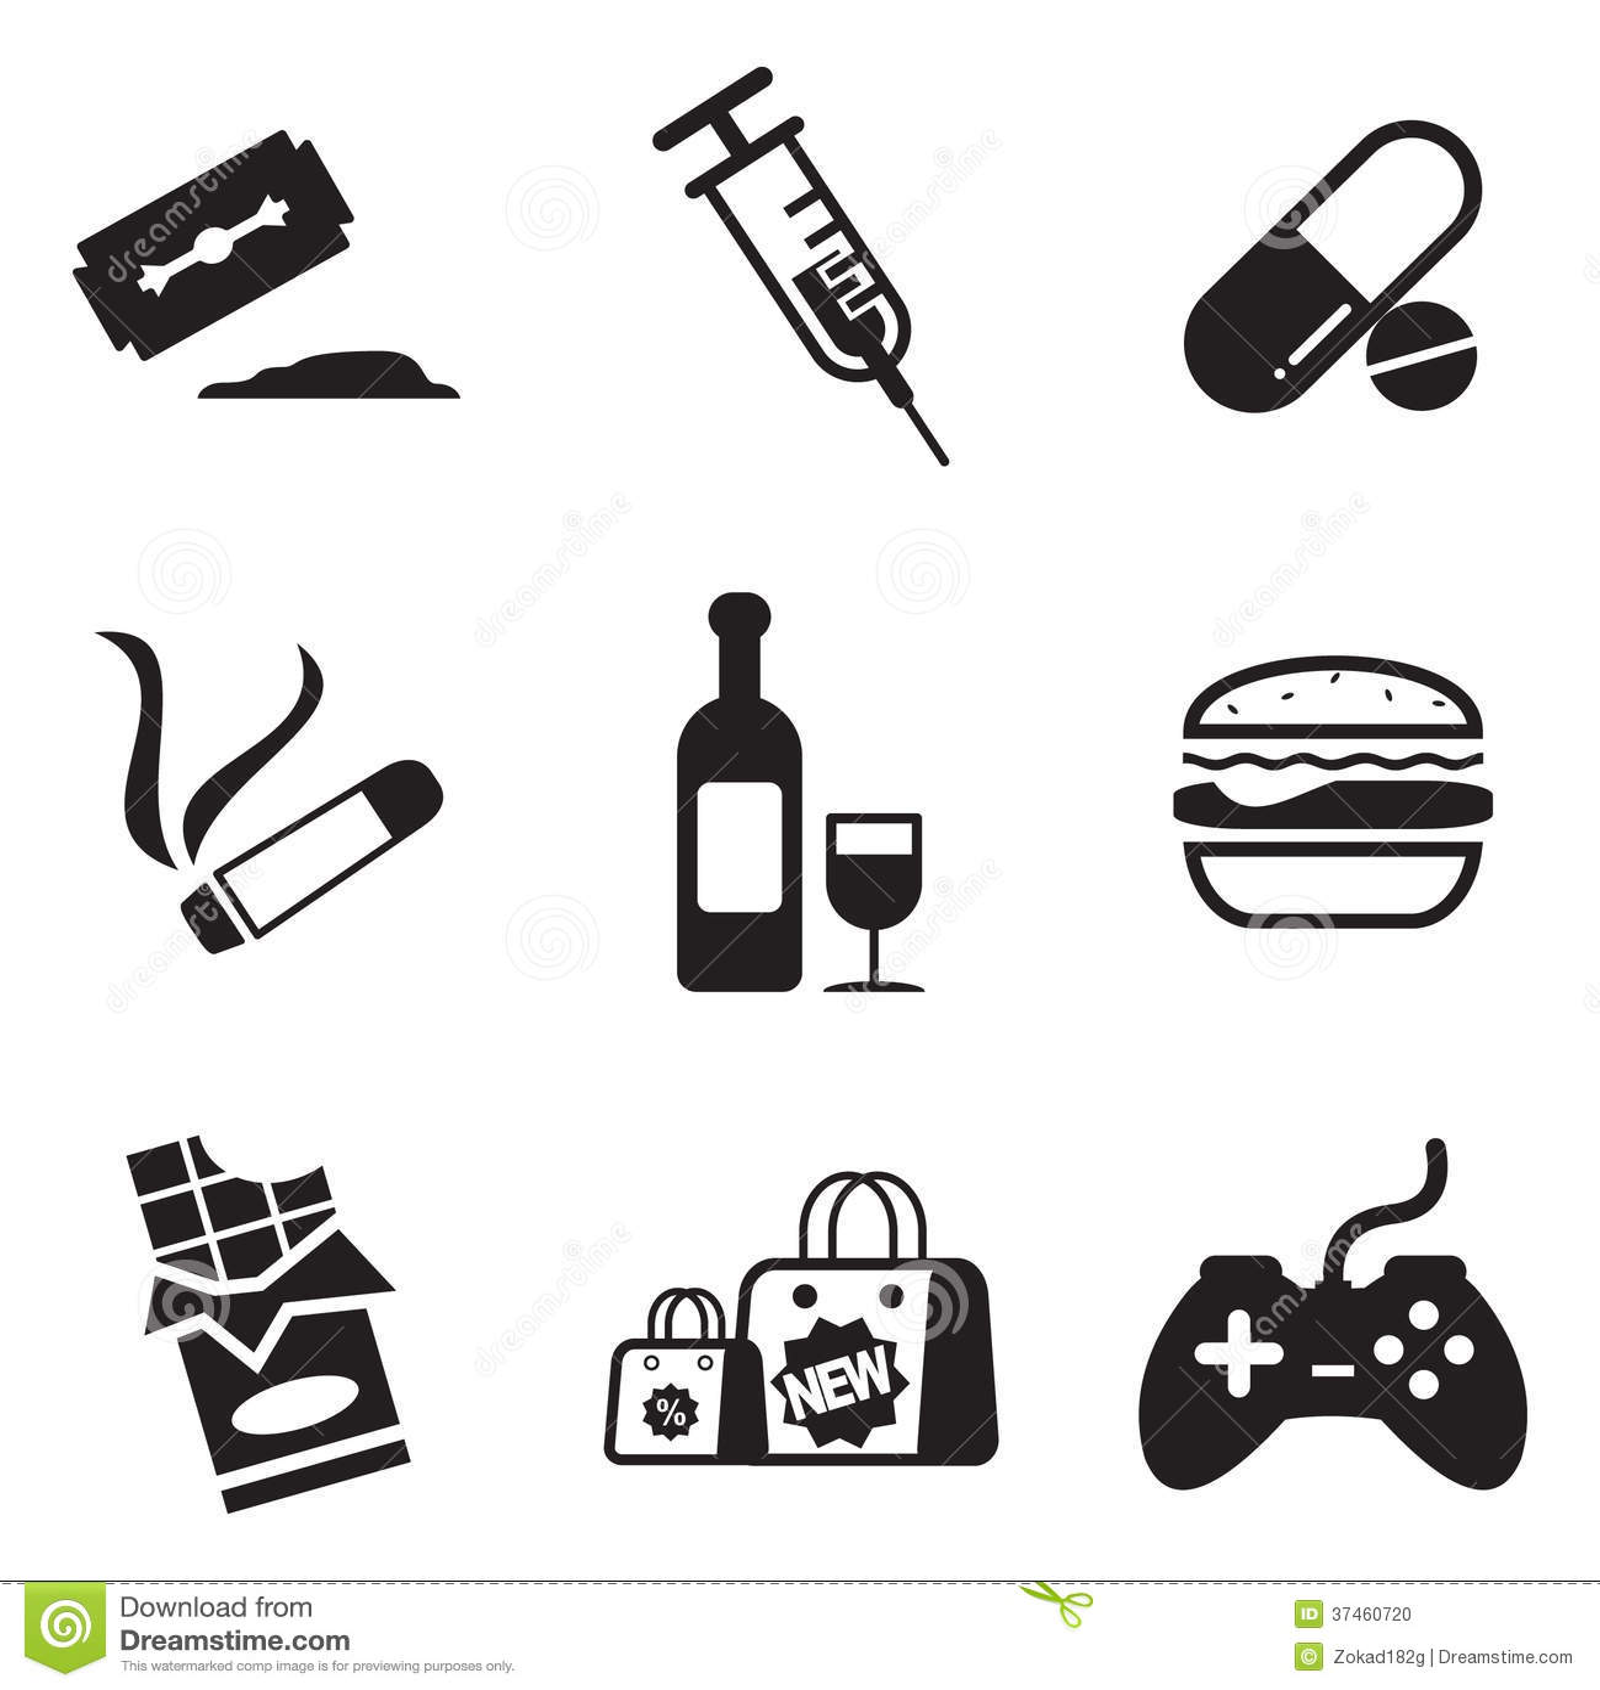 Addiction Icons Stock Photo Image 37460720